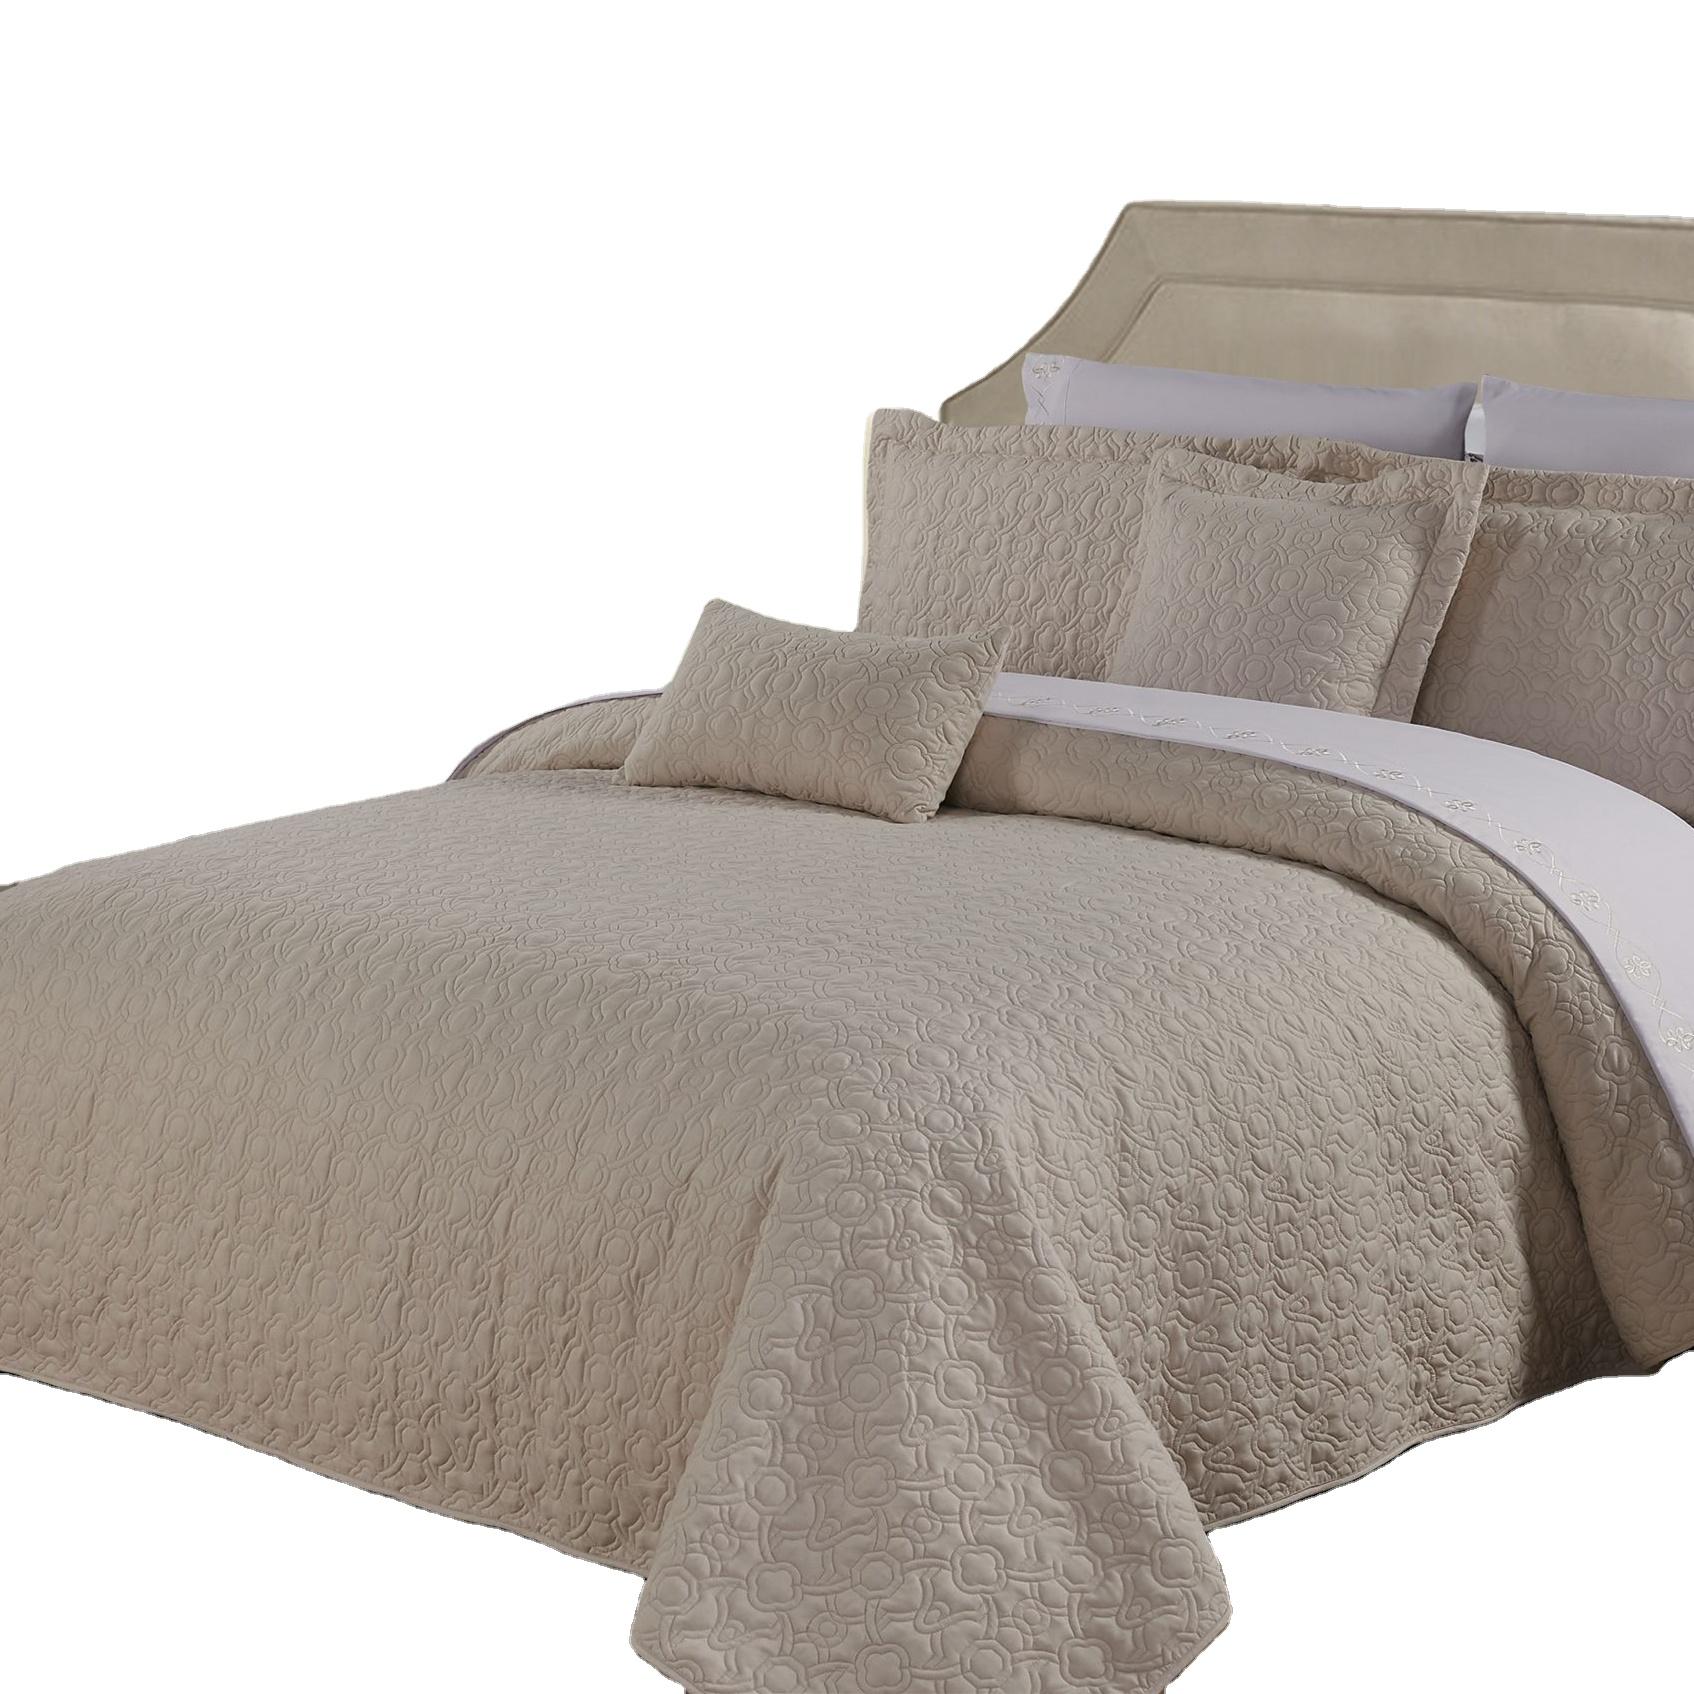 Домашний текстиль KOSMOS, летнее одеяло, 100 хлопок, покрывало с вышивкой